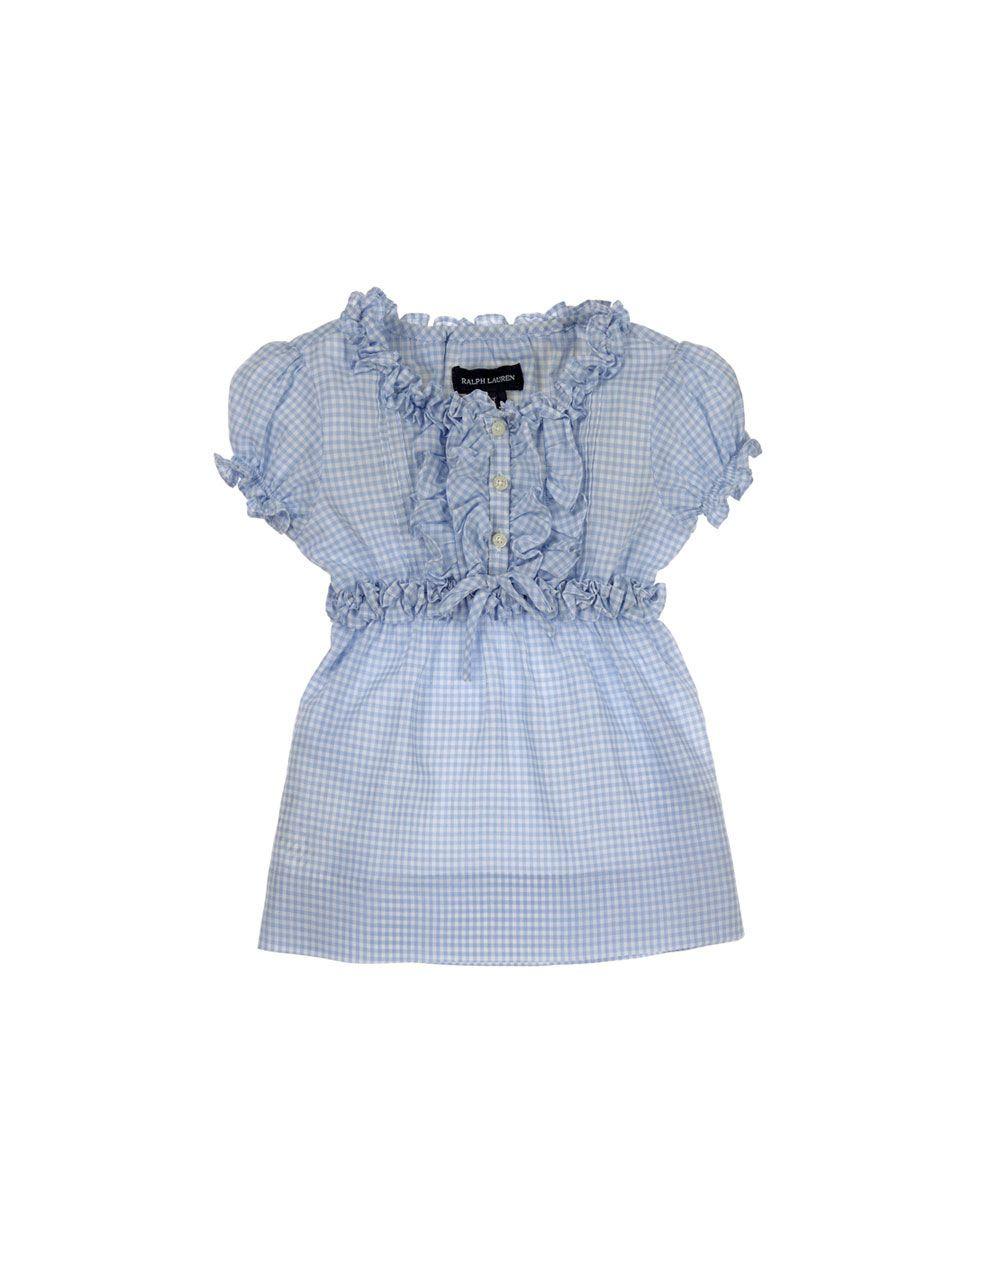 999eee405 Blusa de niña Ralph Lauren - Niña - Blusas y Camisas - El Corte ...